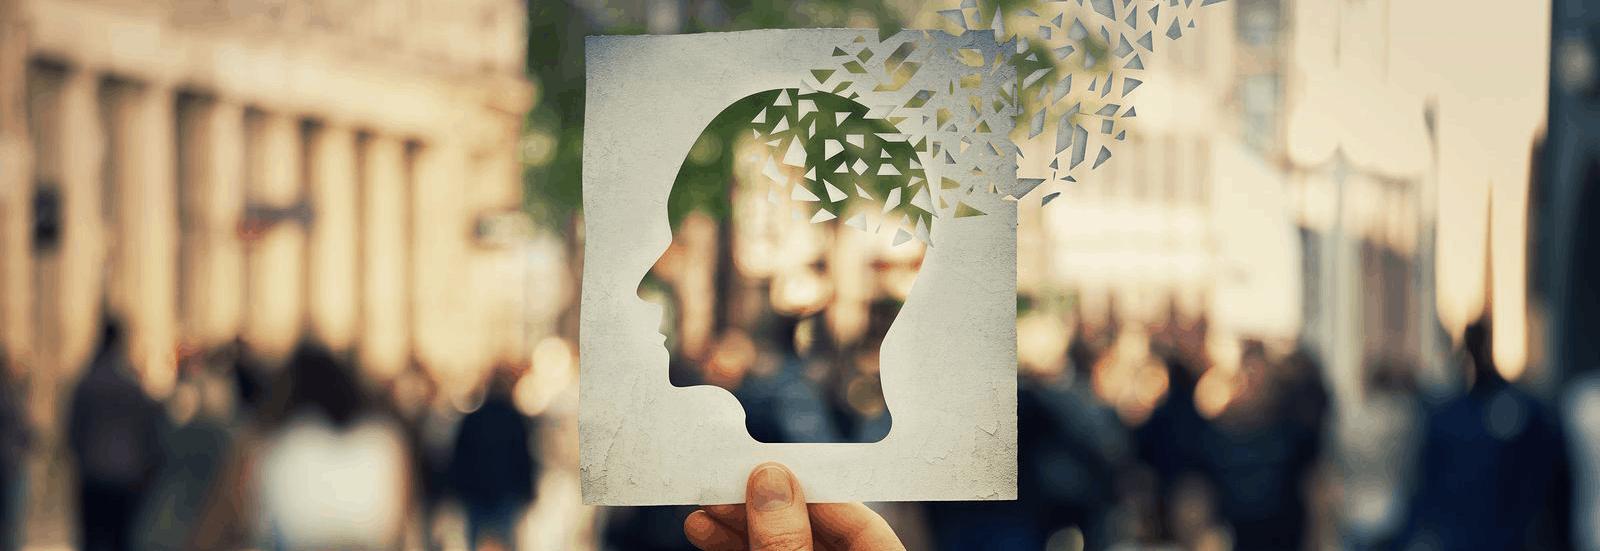 DEPRESSÃO, a principal causa de incapacidade do mundo